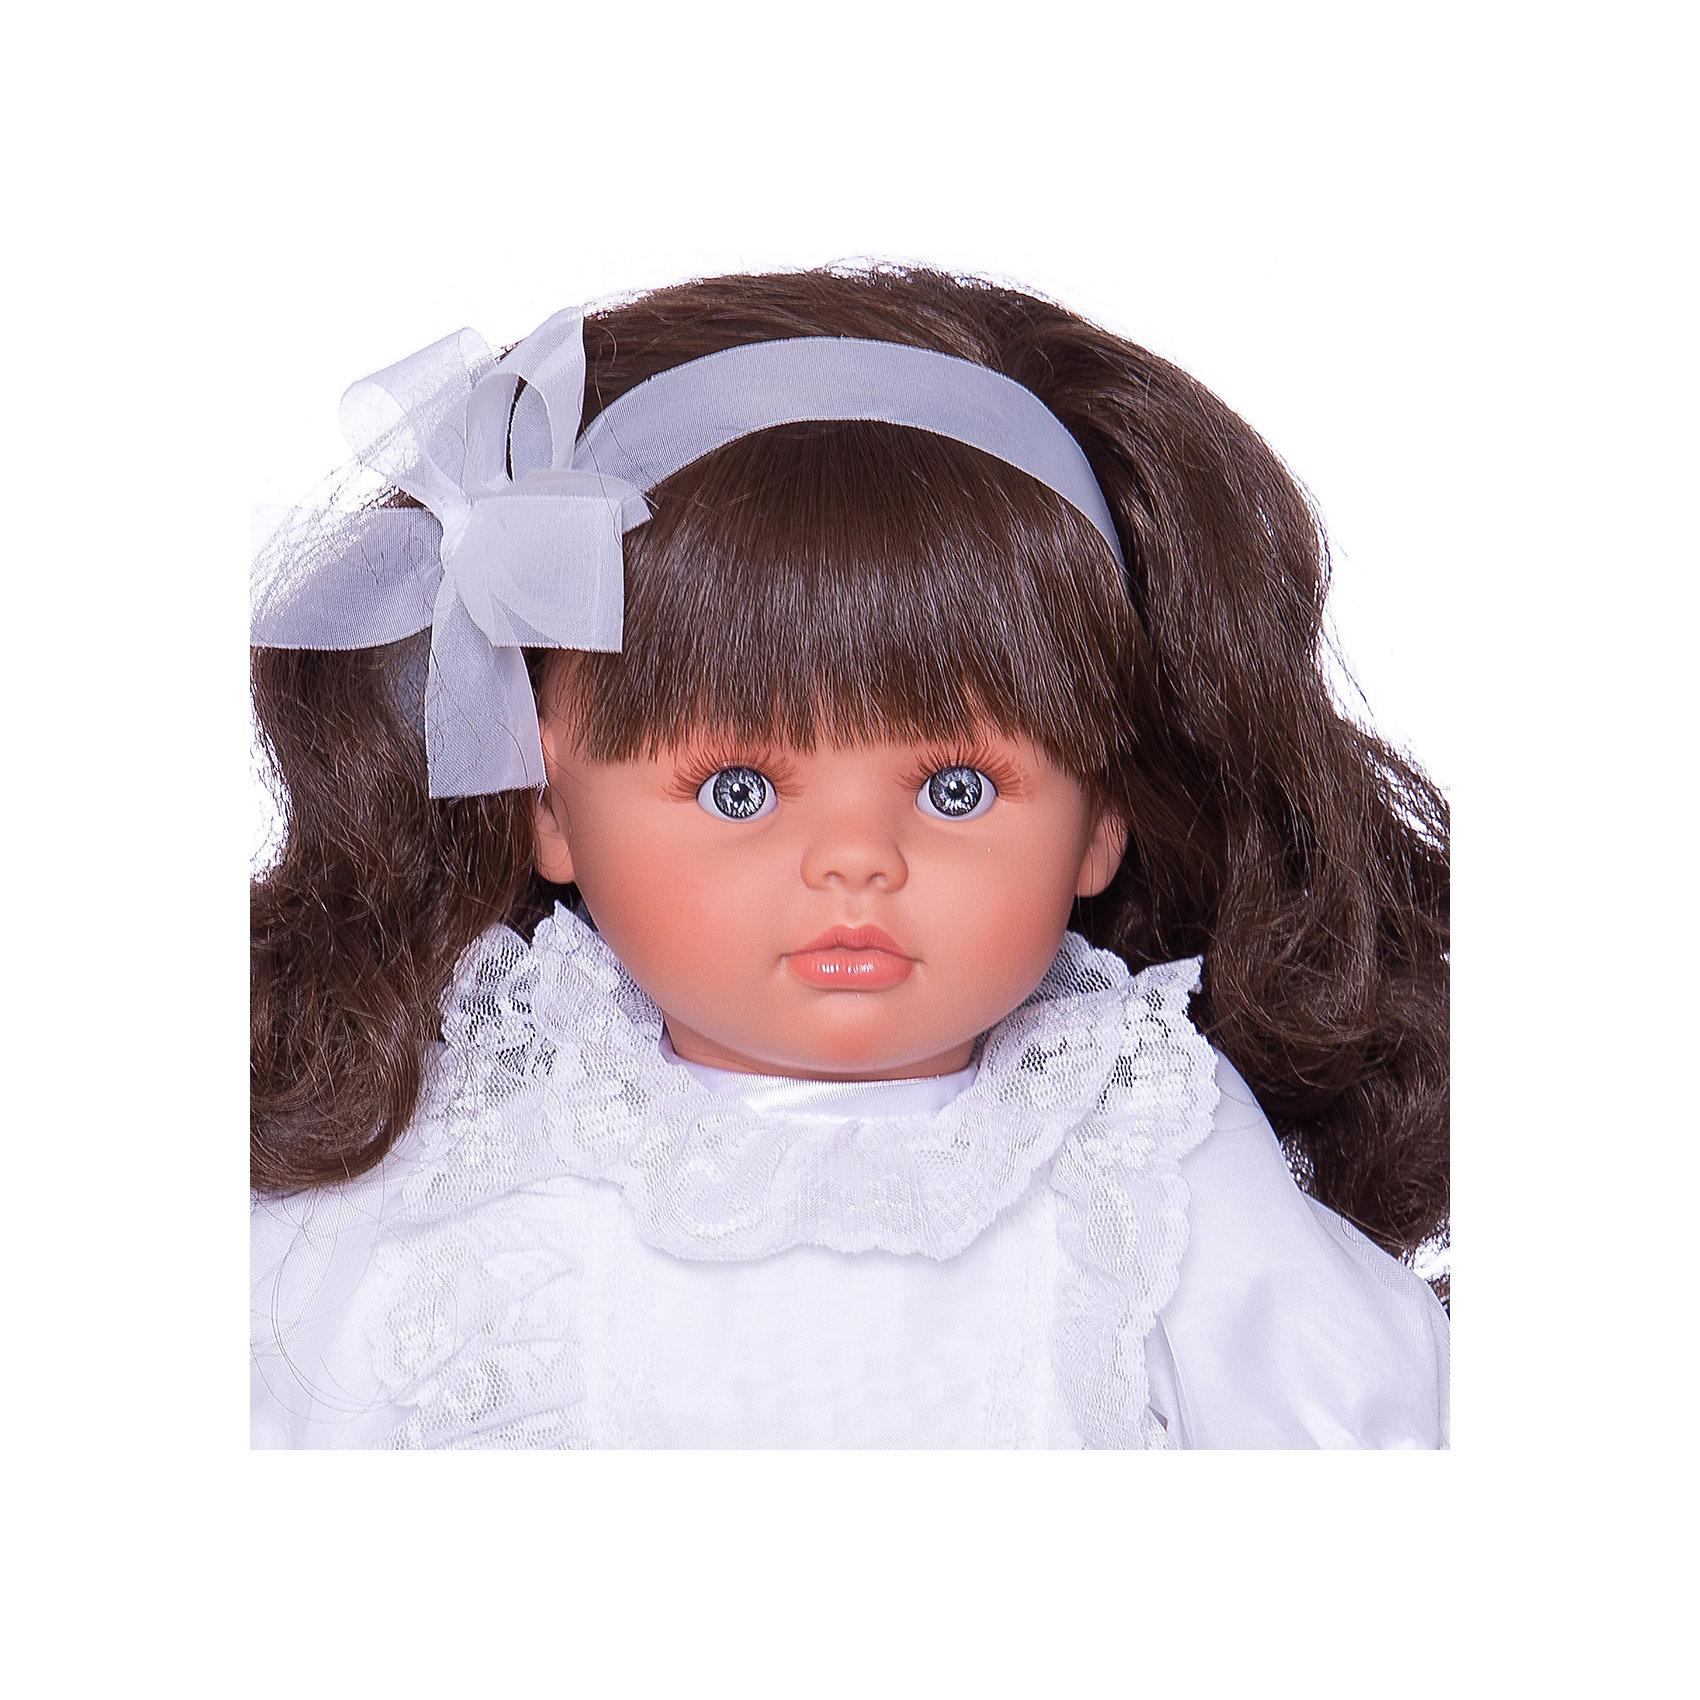 Кукла Asi Пепа в белом платье 60 см, арт 280050с по цене 12 990